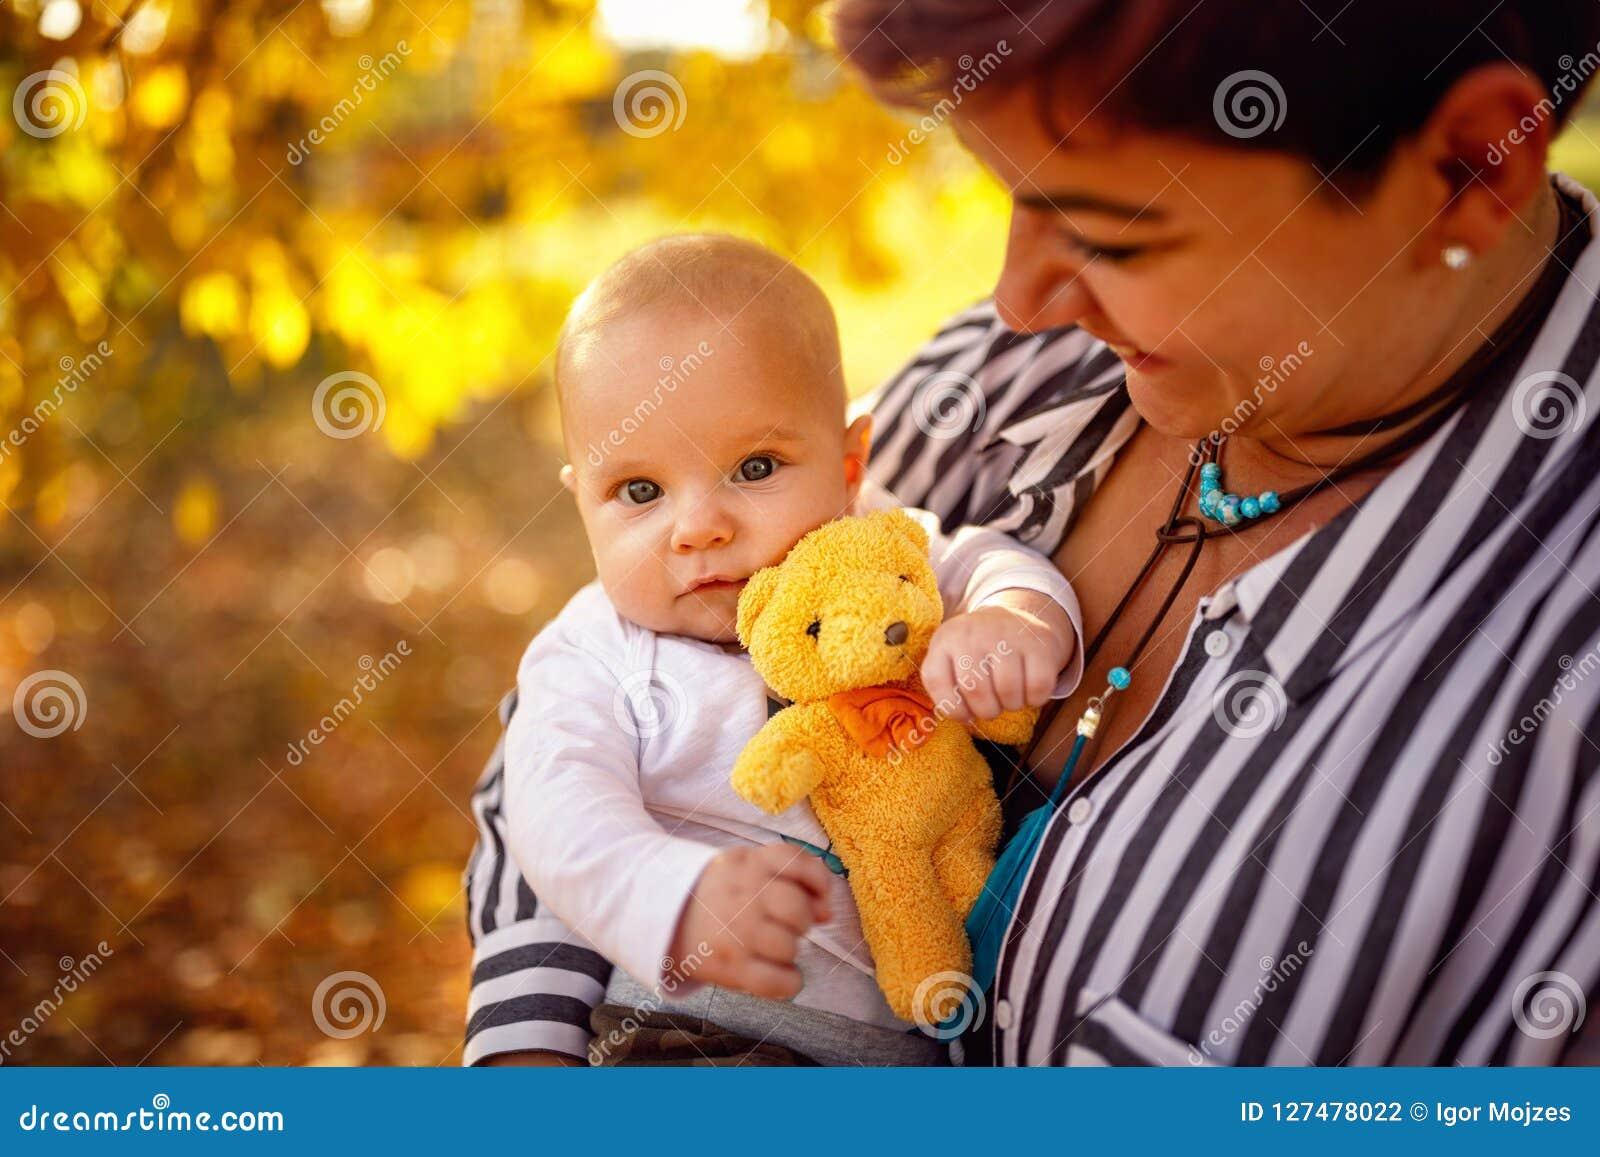 Famille heureuse - la jeunes mère et bébé garçon en automne se garent